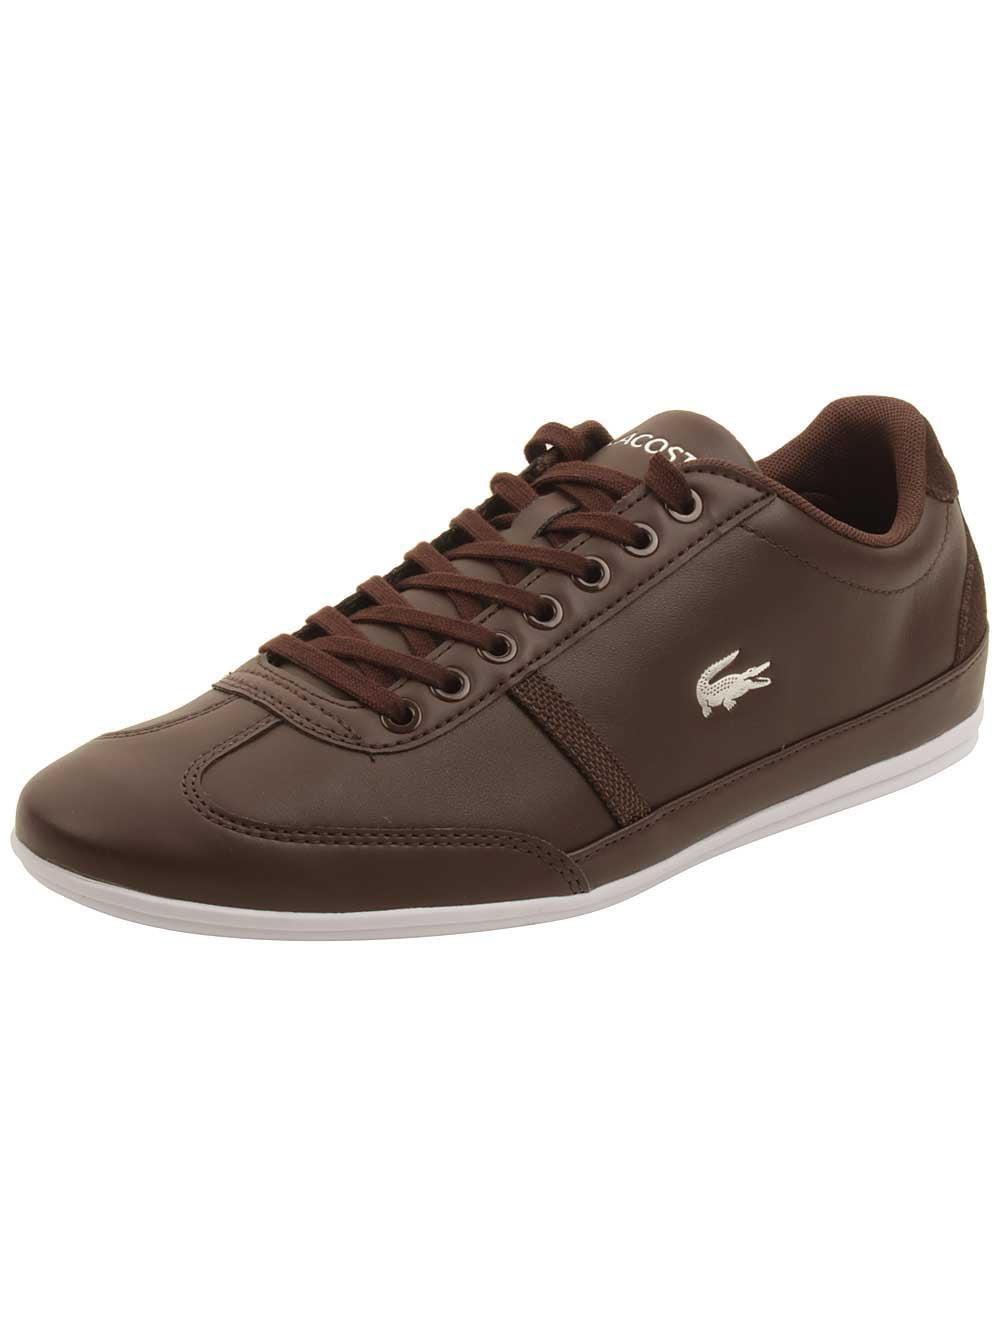 Lacoste Men's Misano Sport 118 1 U Sneaker